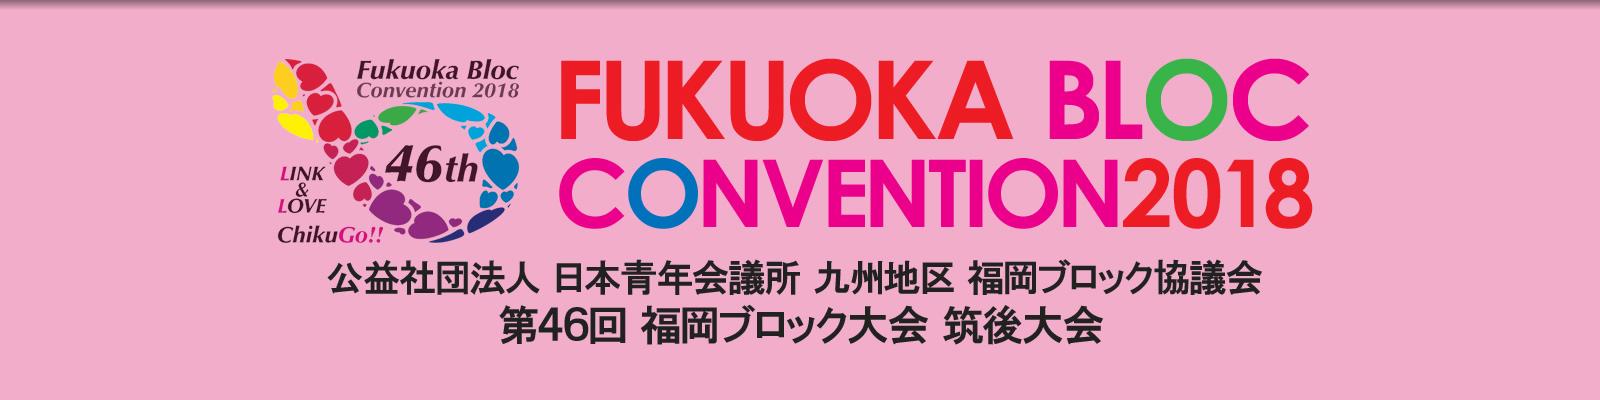 第46回福岡ブロック大会 筑後大会「みんなで行こうよ!恋・来い筑後!」 詳しくはこちらをクリック